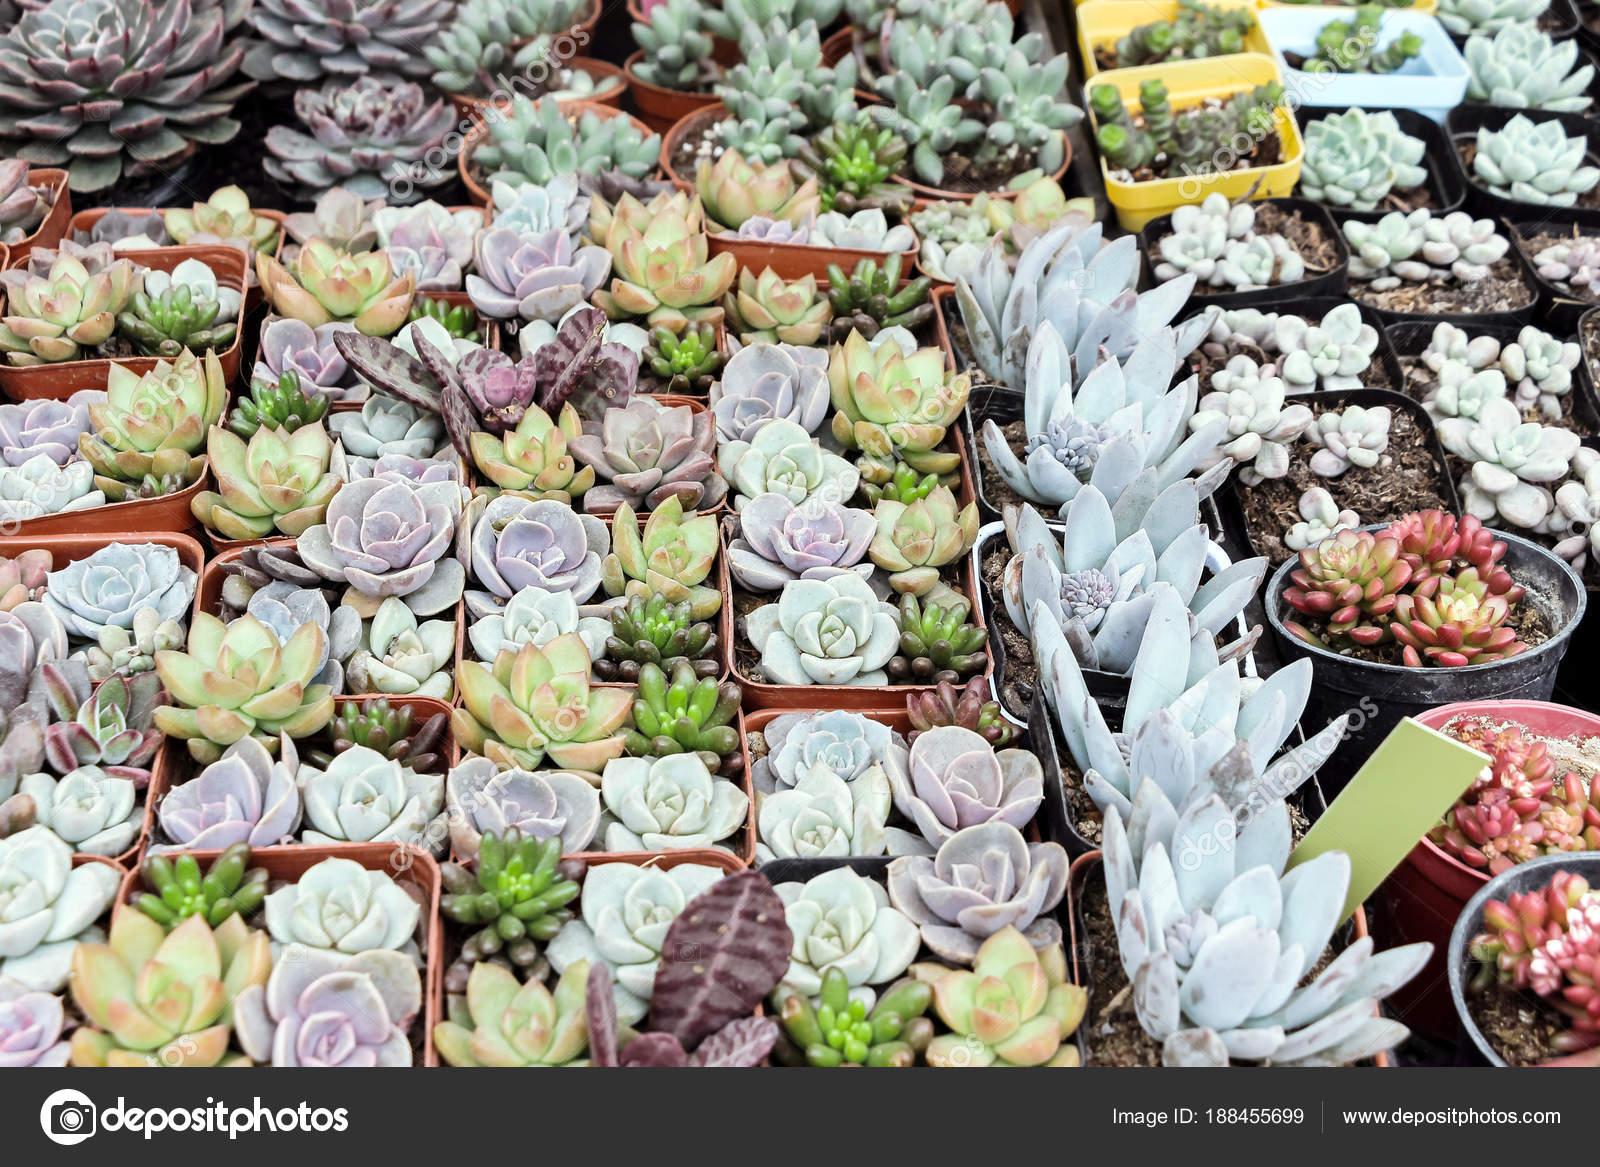 Colorful Succulent Plants Pot Stock Photo C Ccelia7280 188455699